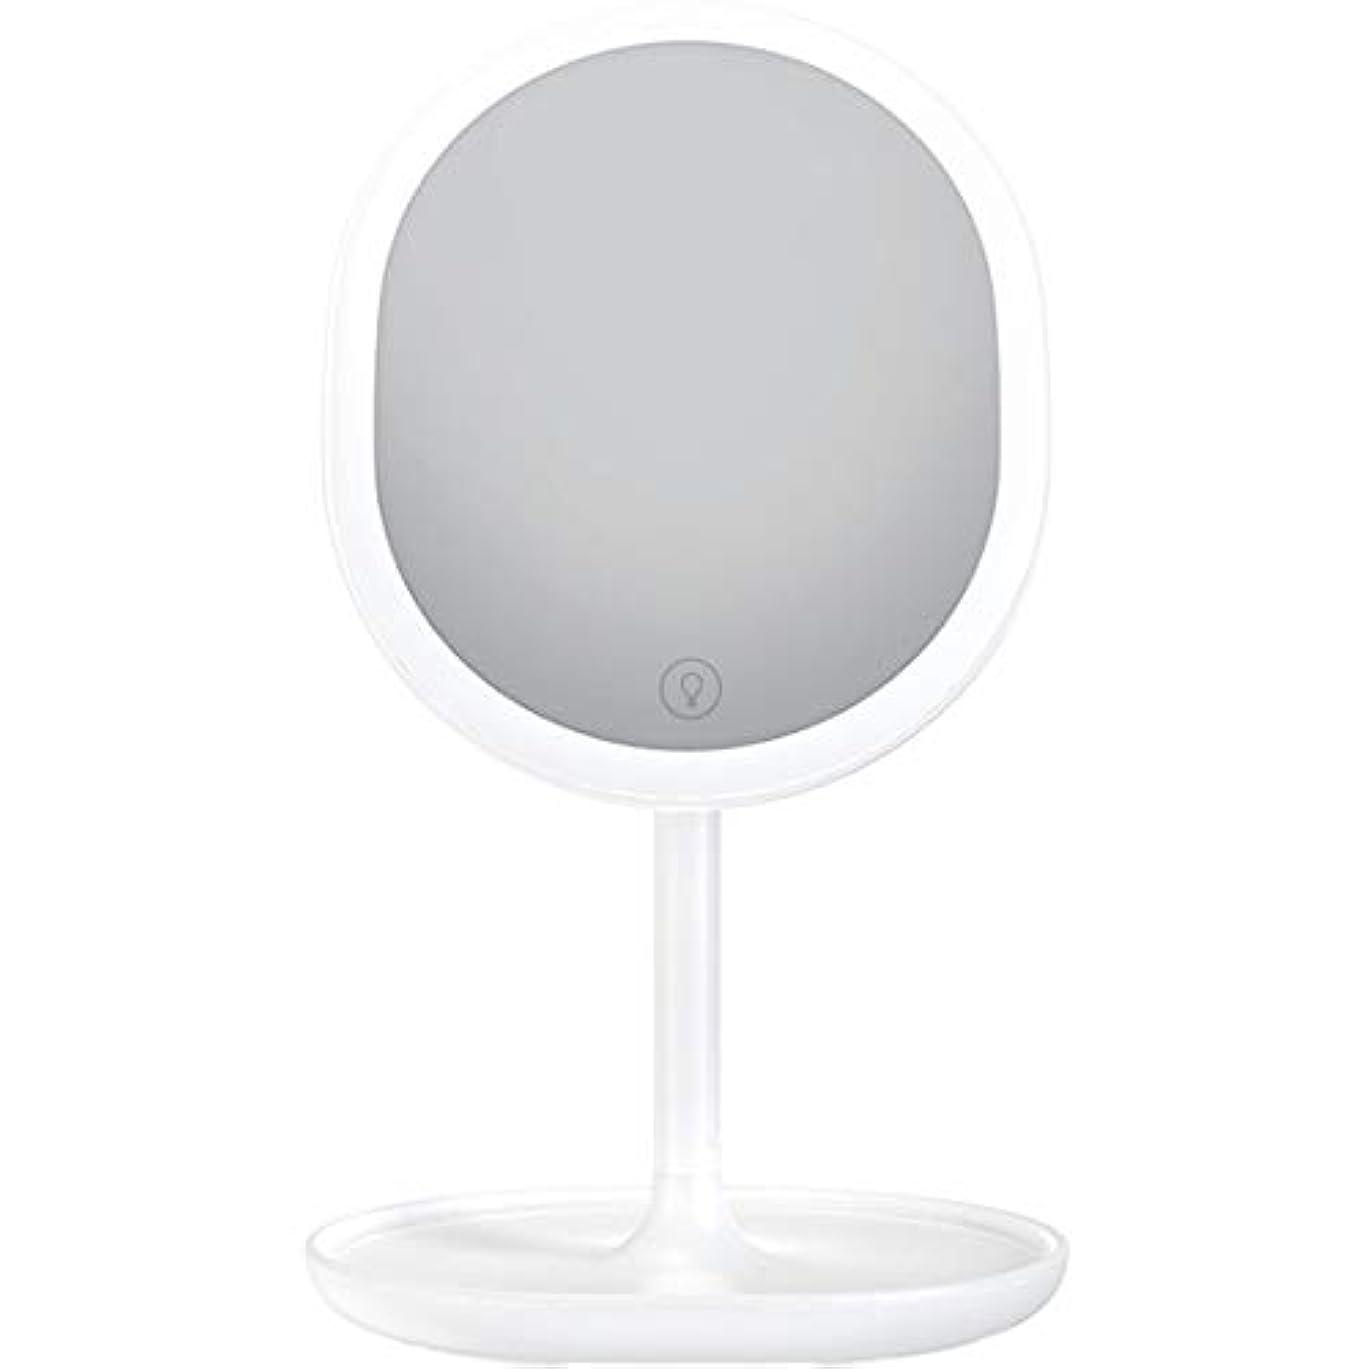 相対的急ぐメイエラ化粧鏡 LED卓上化粧鏡 充電式 led付き 5倍拡大鏡付き 明るさ調節可能 等倍鏡 5倍拡大鏡 メイクミラー 180度回転式 1個入り (ホワイト)